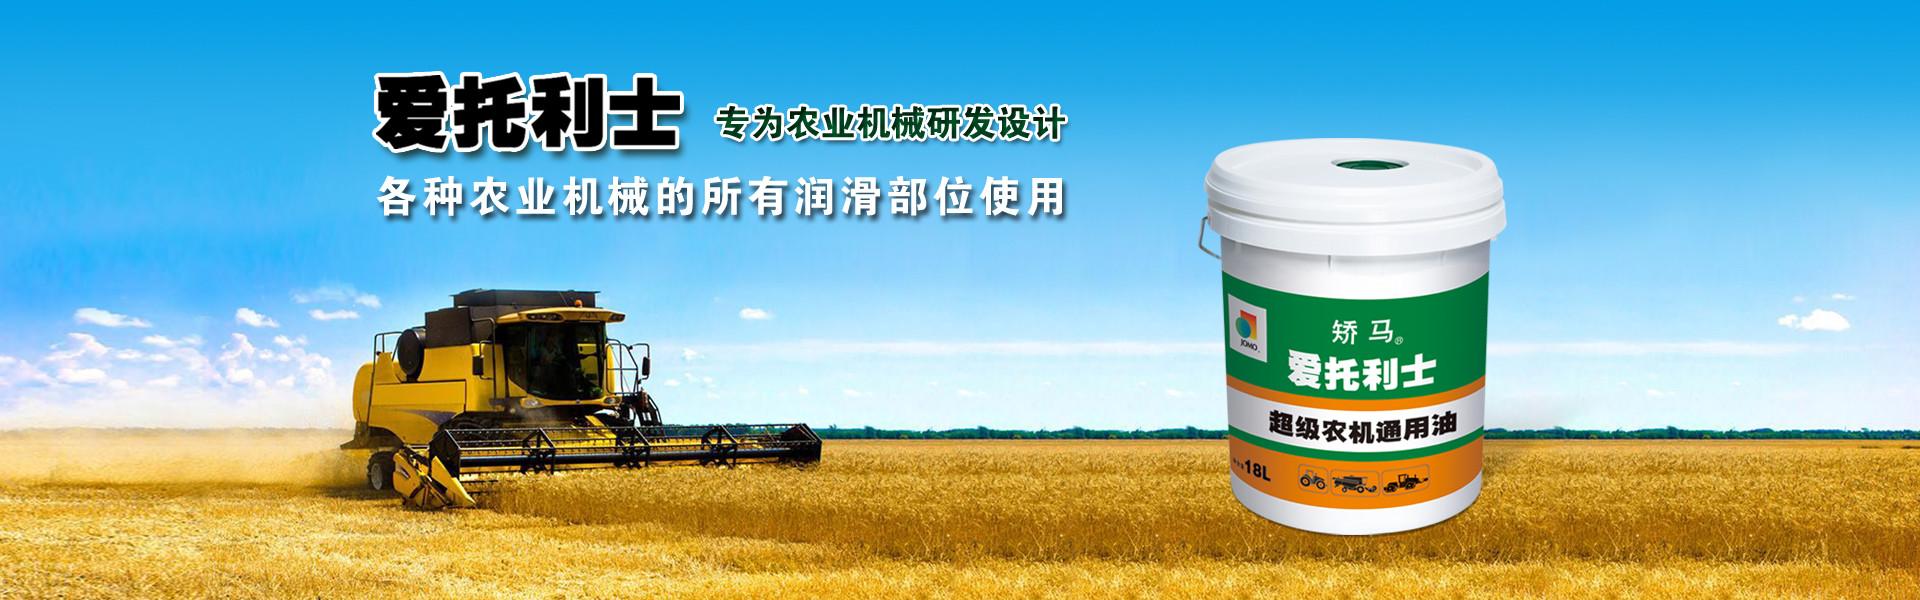 超级农机通用油